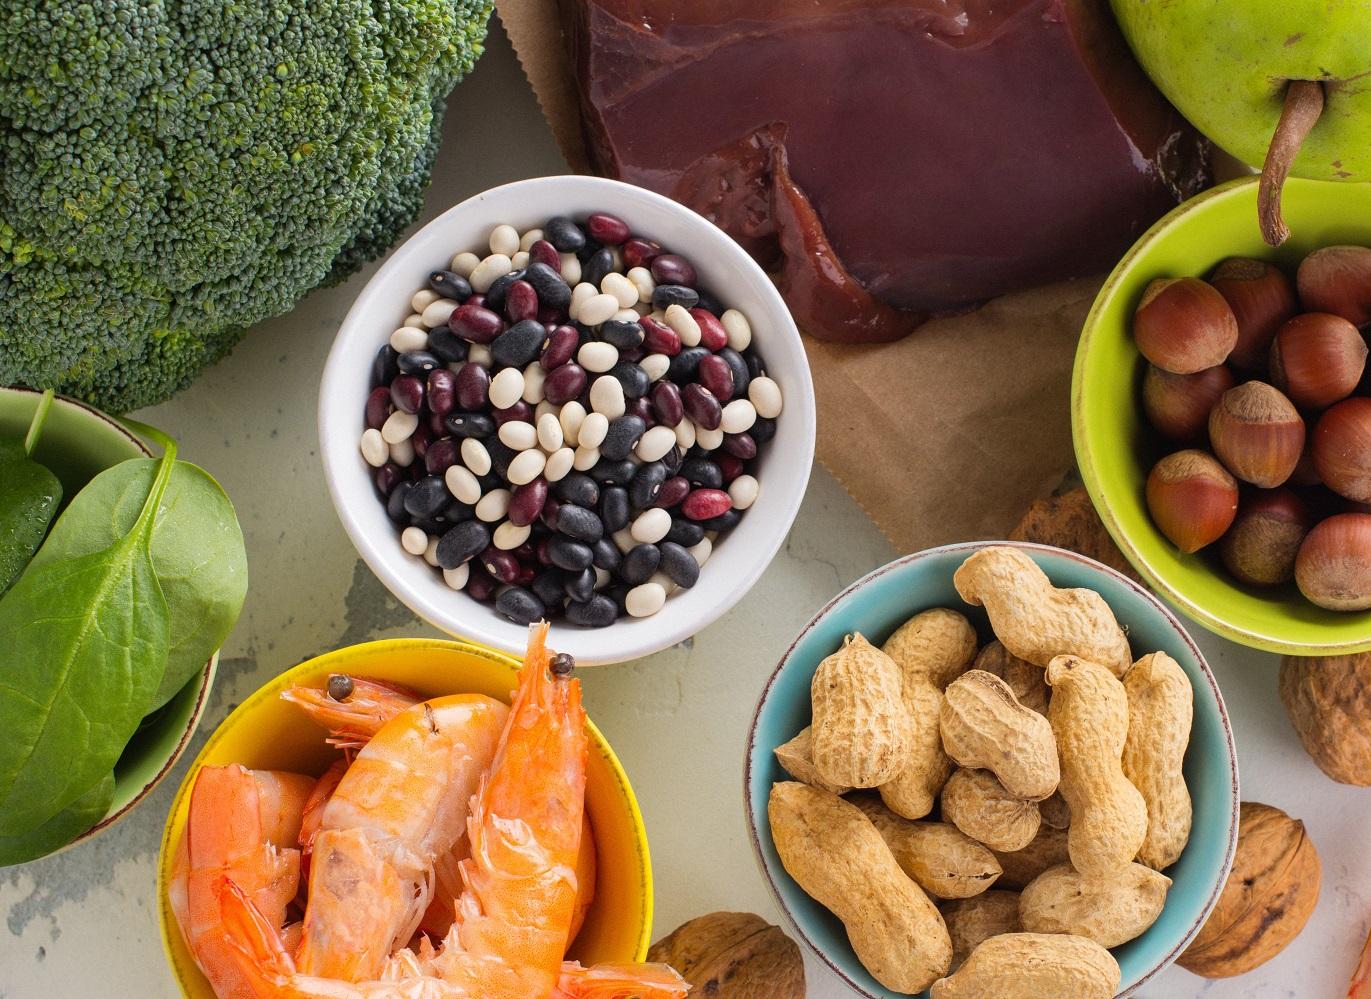 Comment consommer suffisamment de vitamine B12 pour perdre du poids